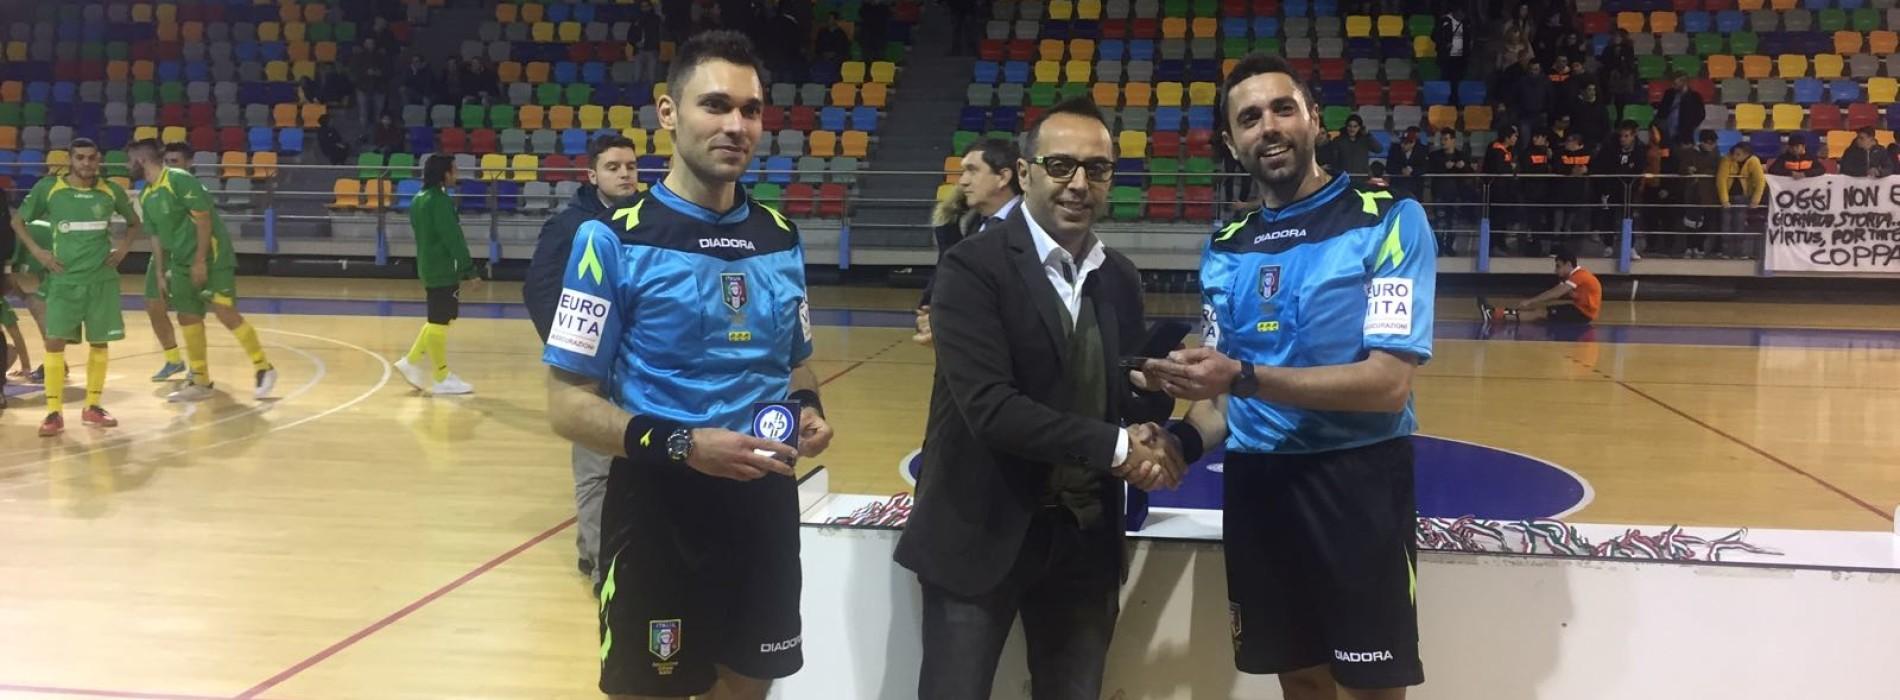 Futsal C/1 maschile,il Guardia Perticara vince la coppa Italia regionale